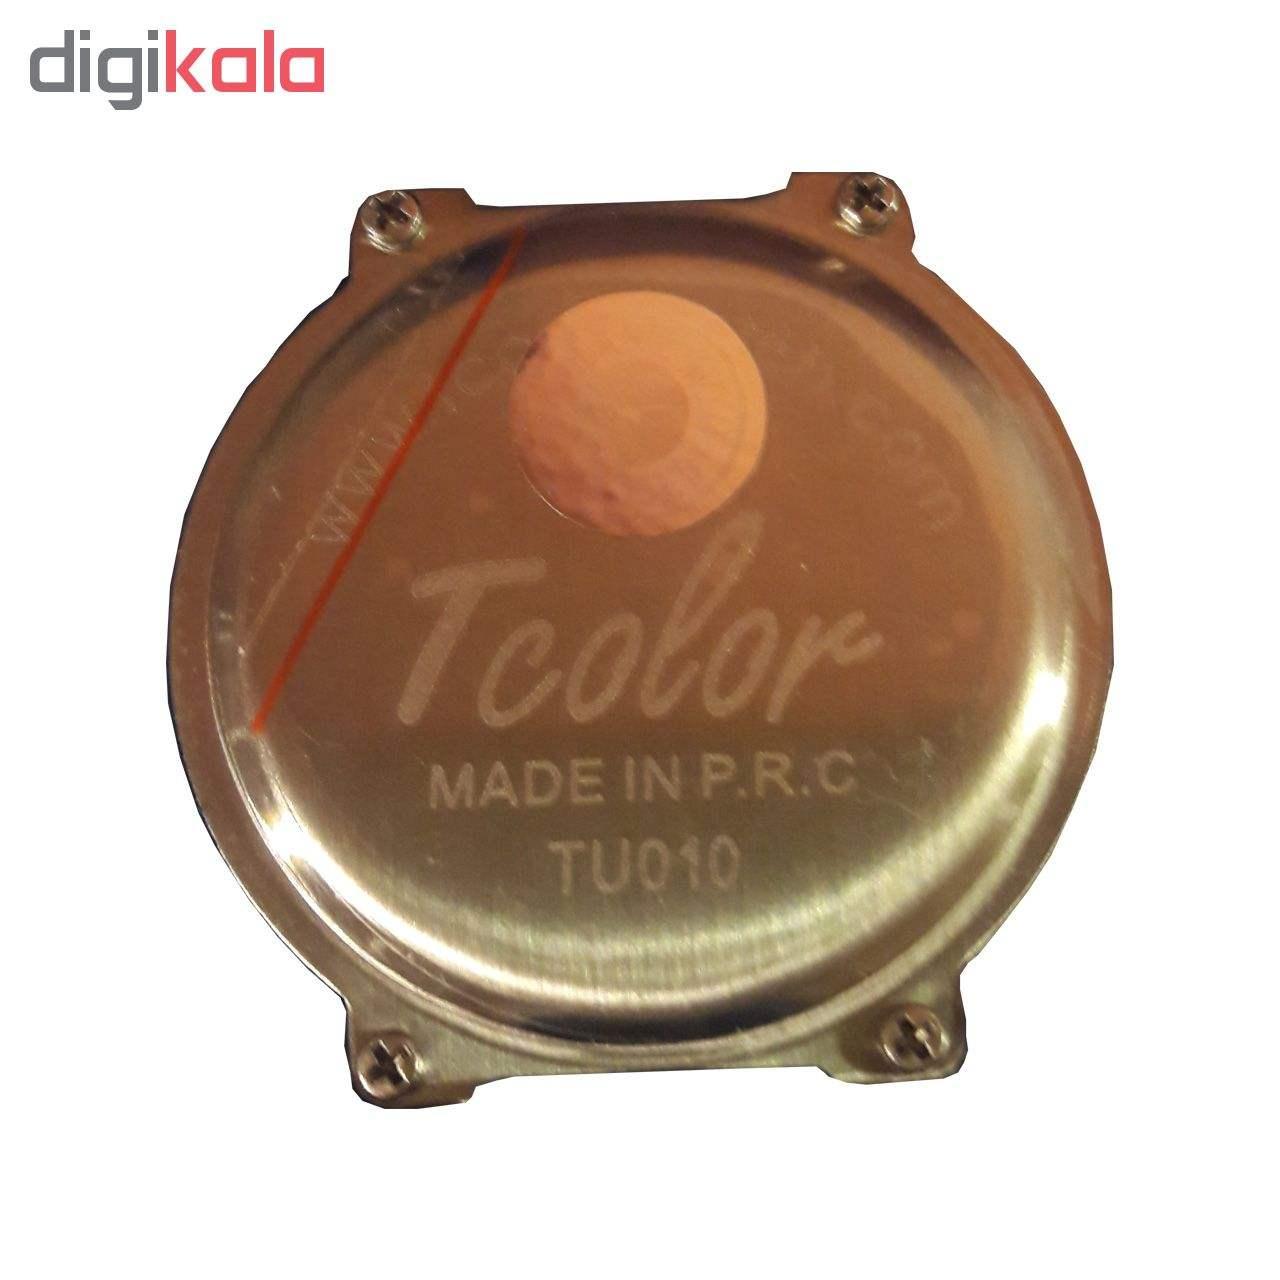 ساعت مچی عقربه ای زنانه تی کالر مدل  TU012